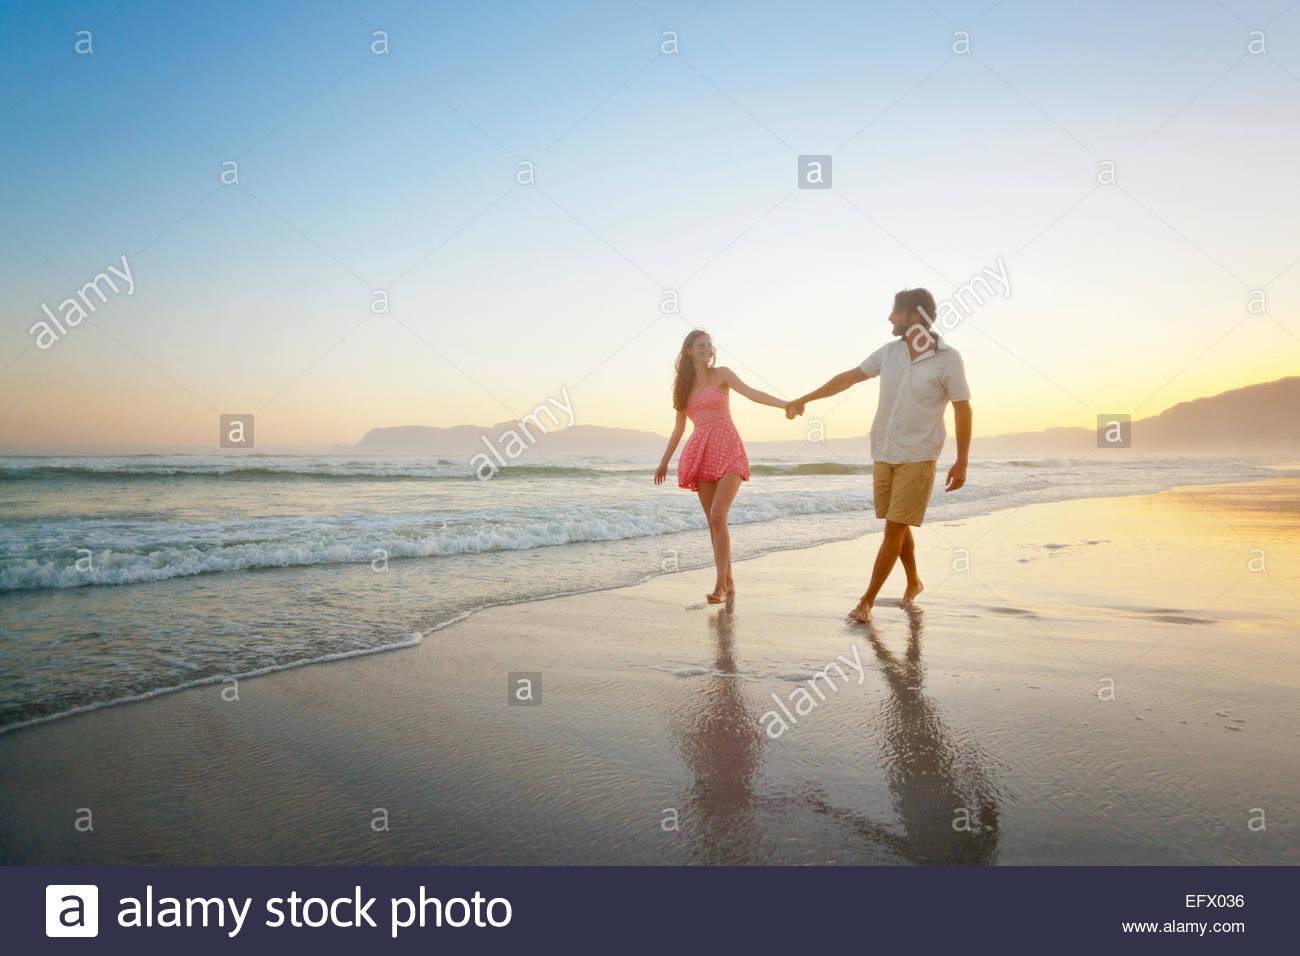 Paar, Hand in Hand, sonnigen Strand entlang spazieren Stockbild